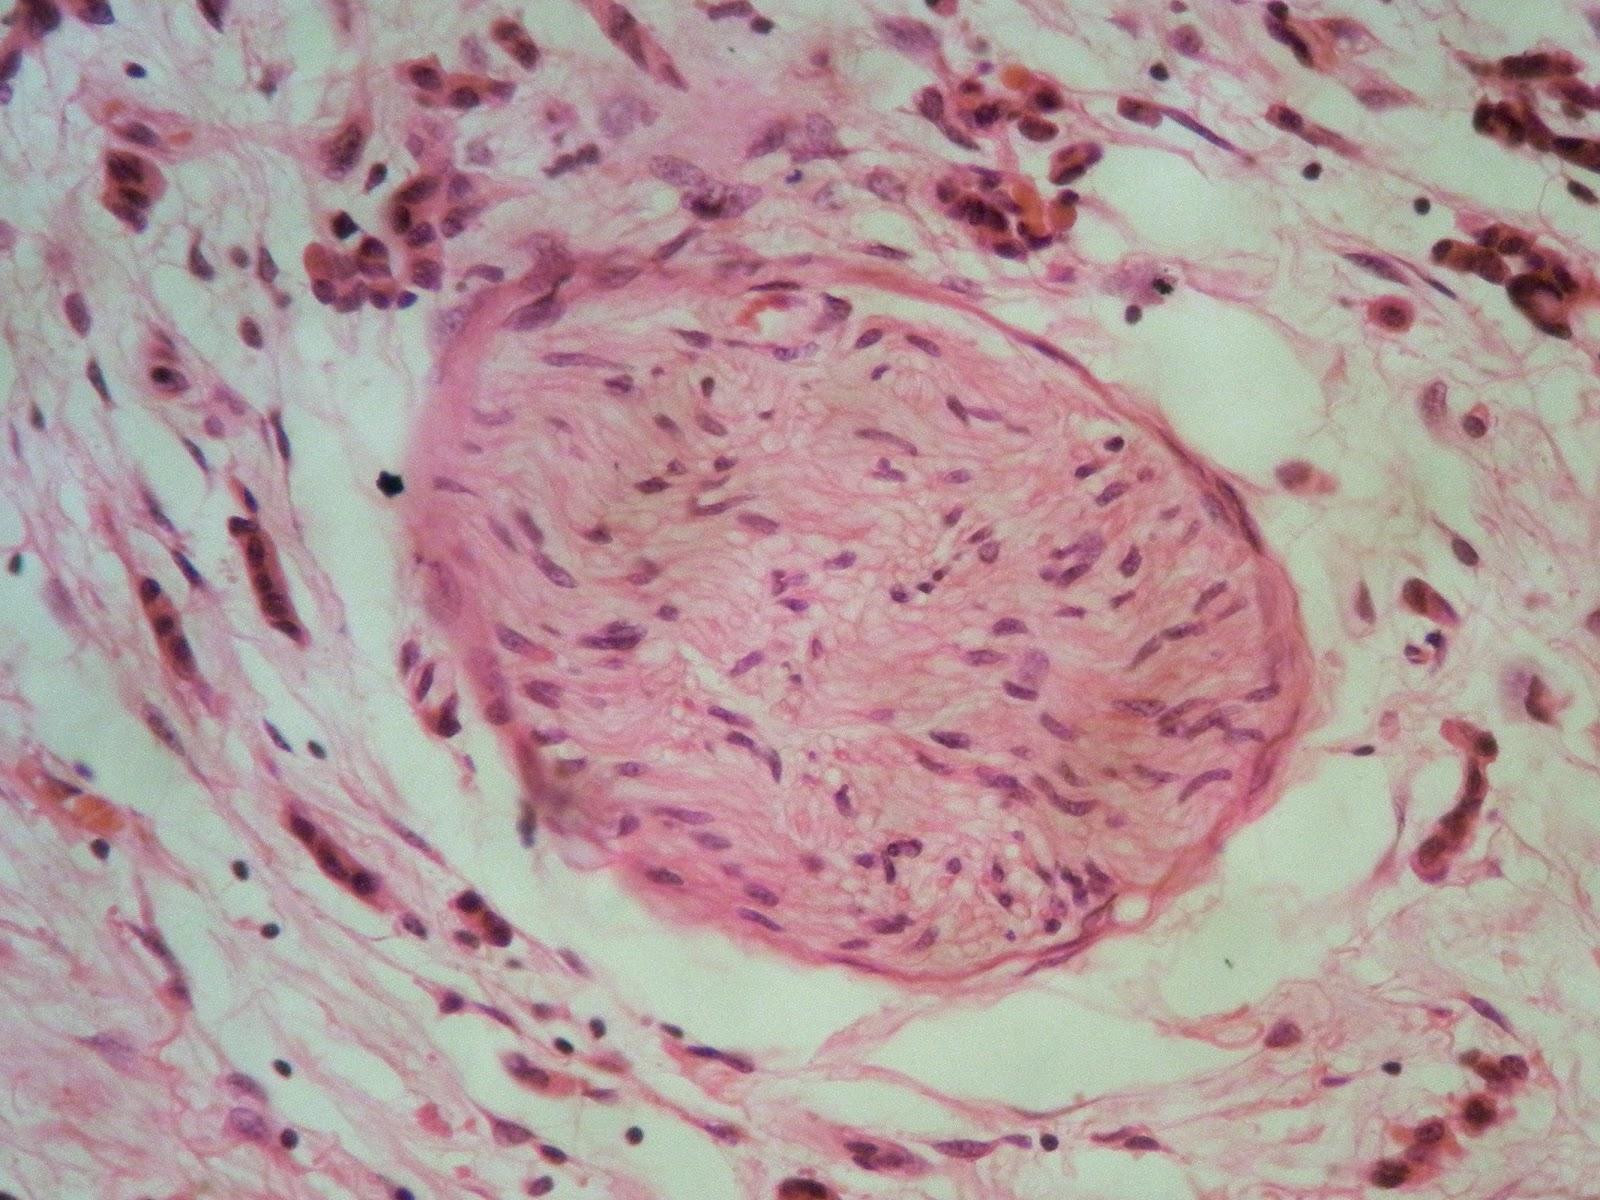 breast carcinosarcoma